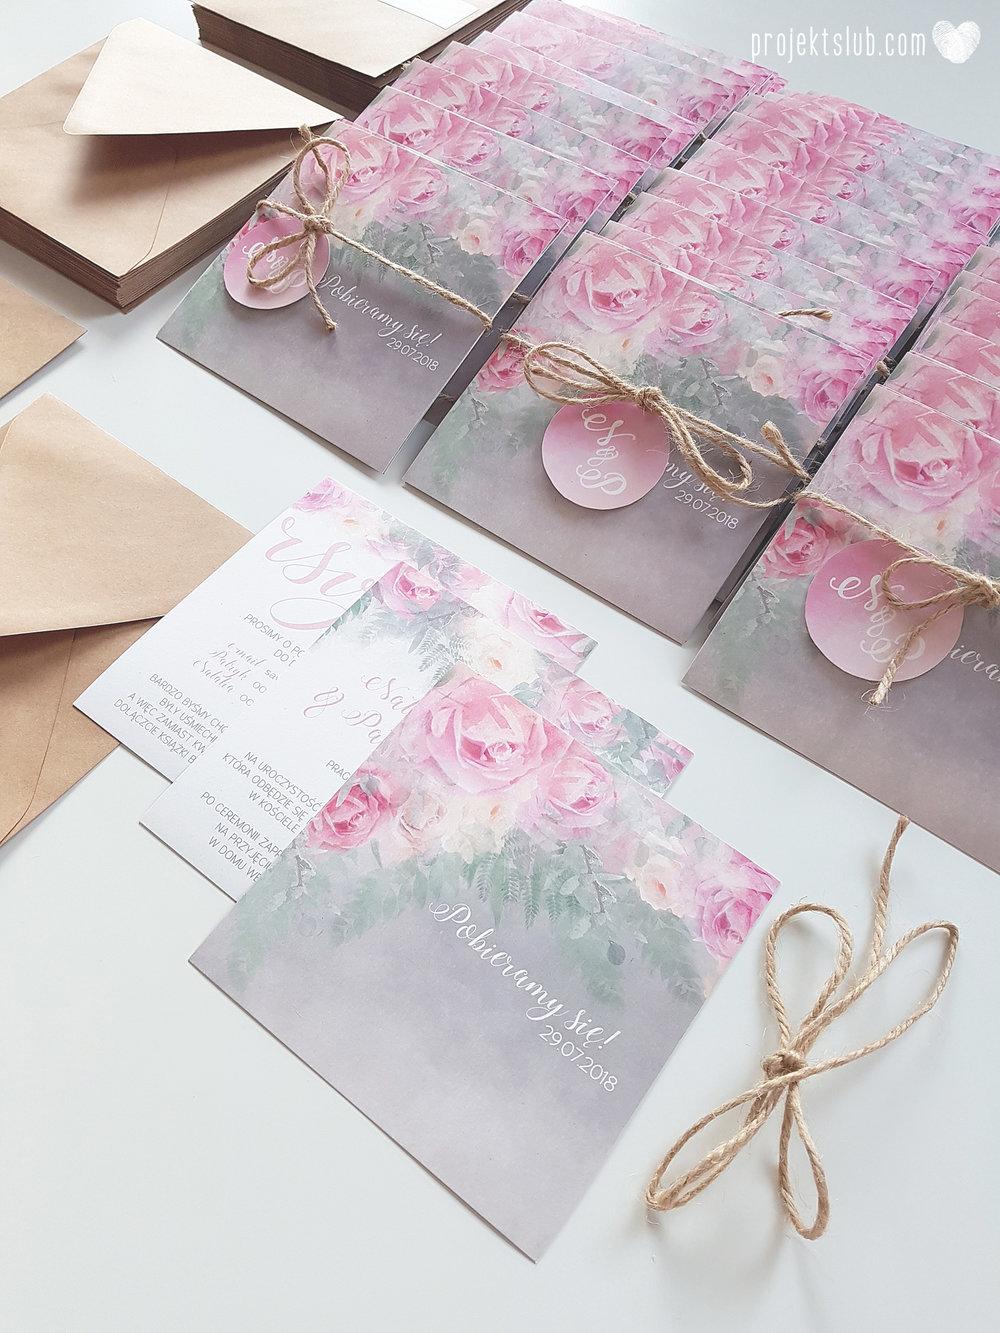 zaproszenia-slubne-projekt-kwiatowe-grafiki-malowane-boho-rustykalne-eko-romantyczne-akwarelowe-(3).jpg